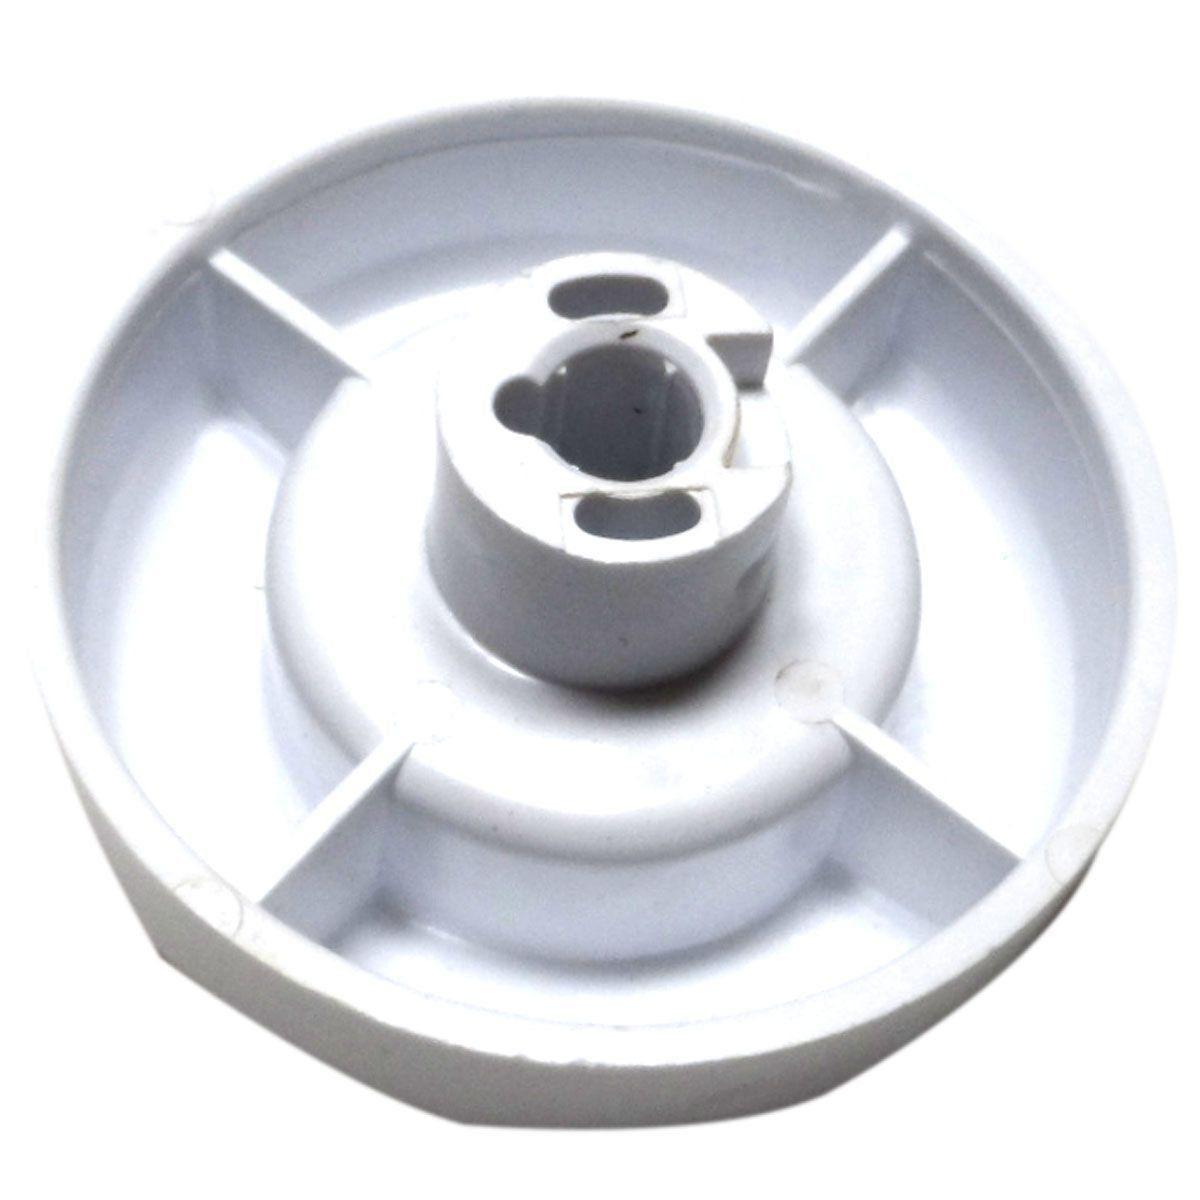 Botão Termostato Refrigerador Brastemp Consul 326017465